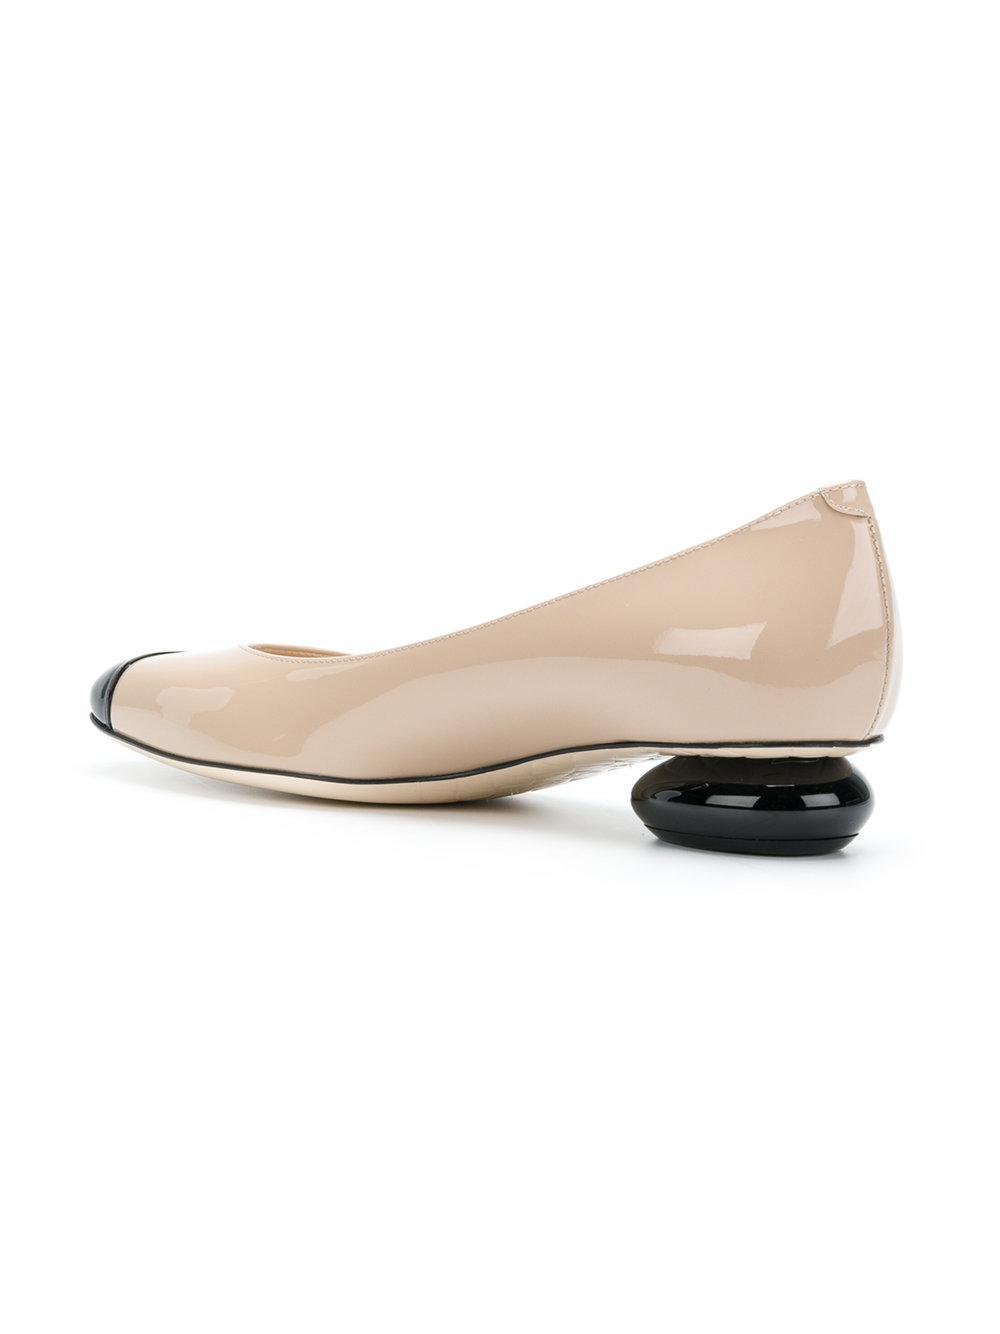 mink patent calf patent bette pump - Nude & Neutrals Bottega Veneta Outlet Geniue Stockist Lowest Price Online Affordable Sale Online Cheap Sale Recommend yIMjyg